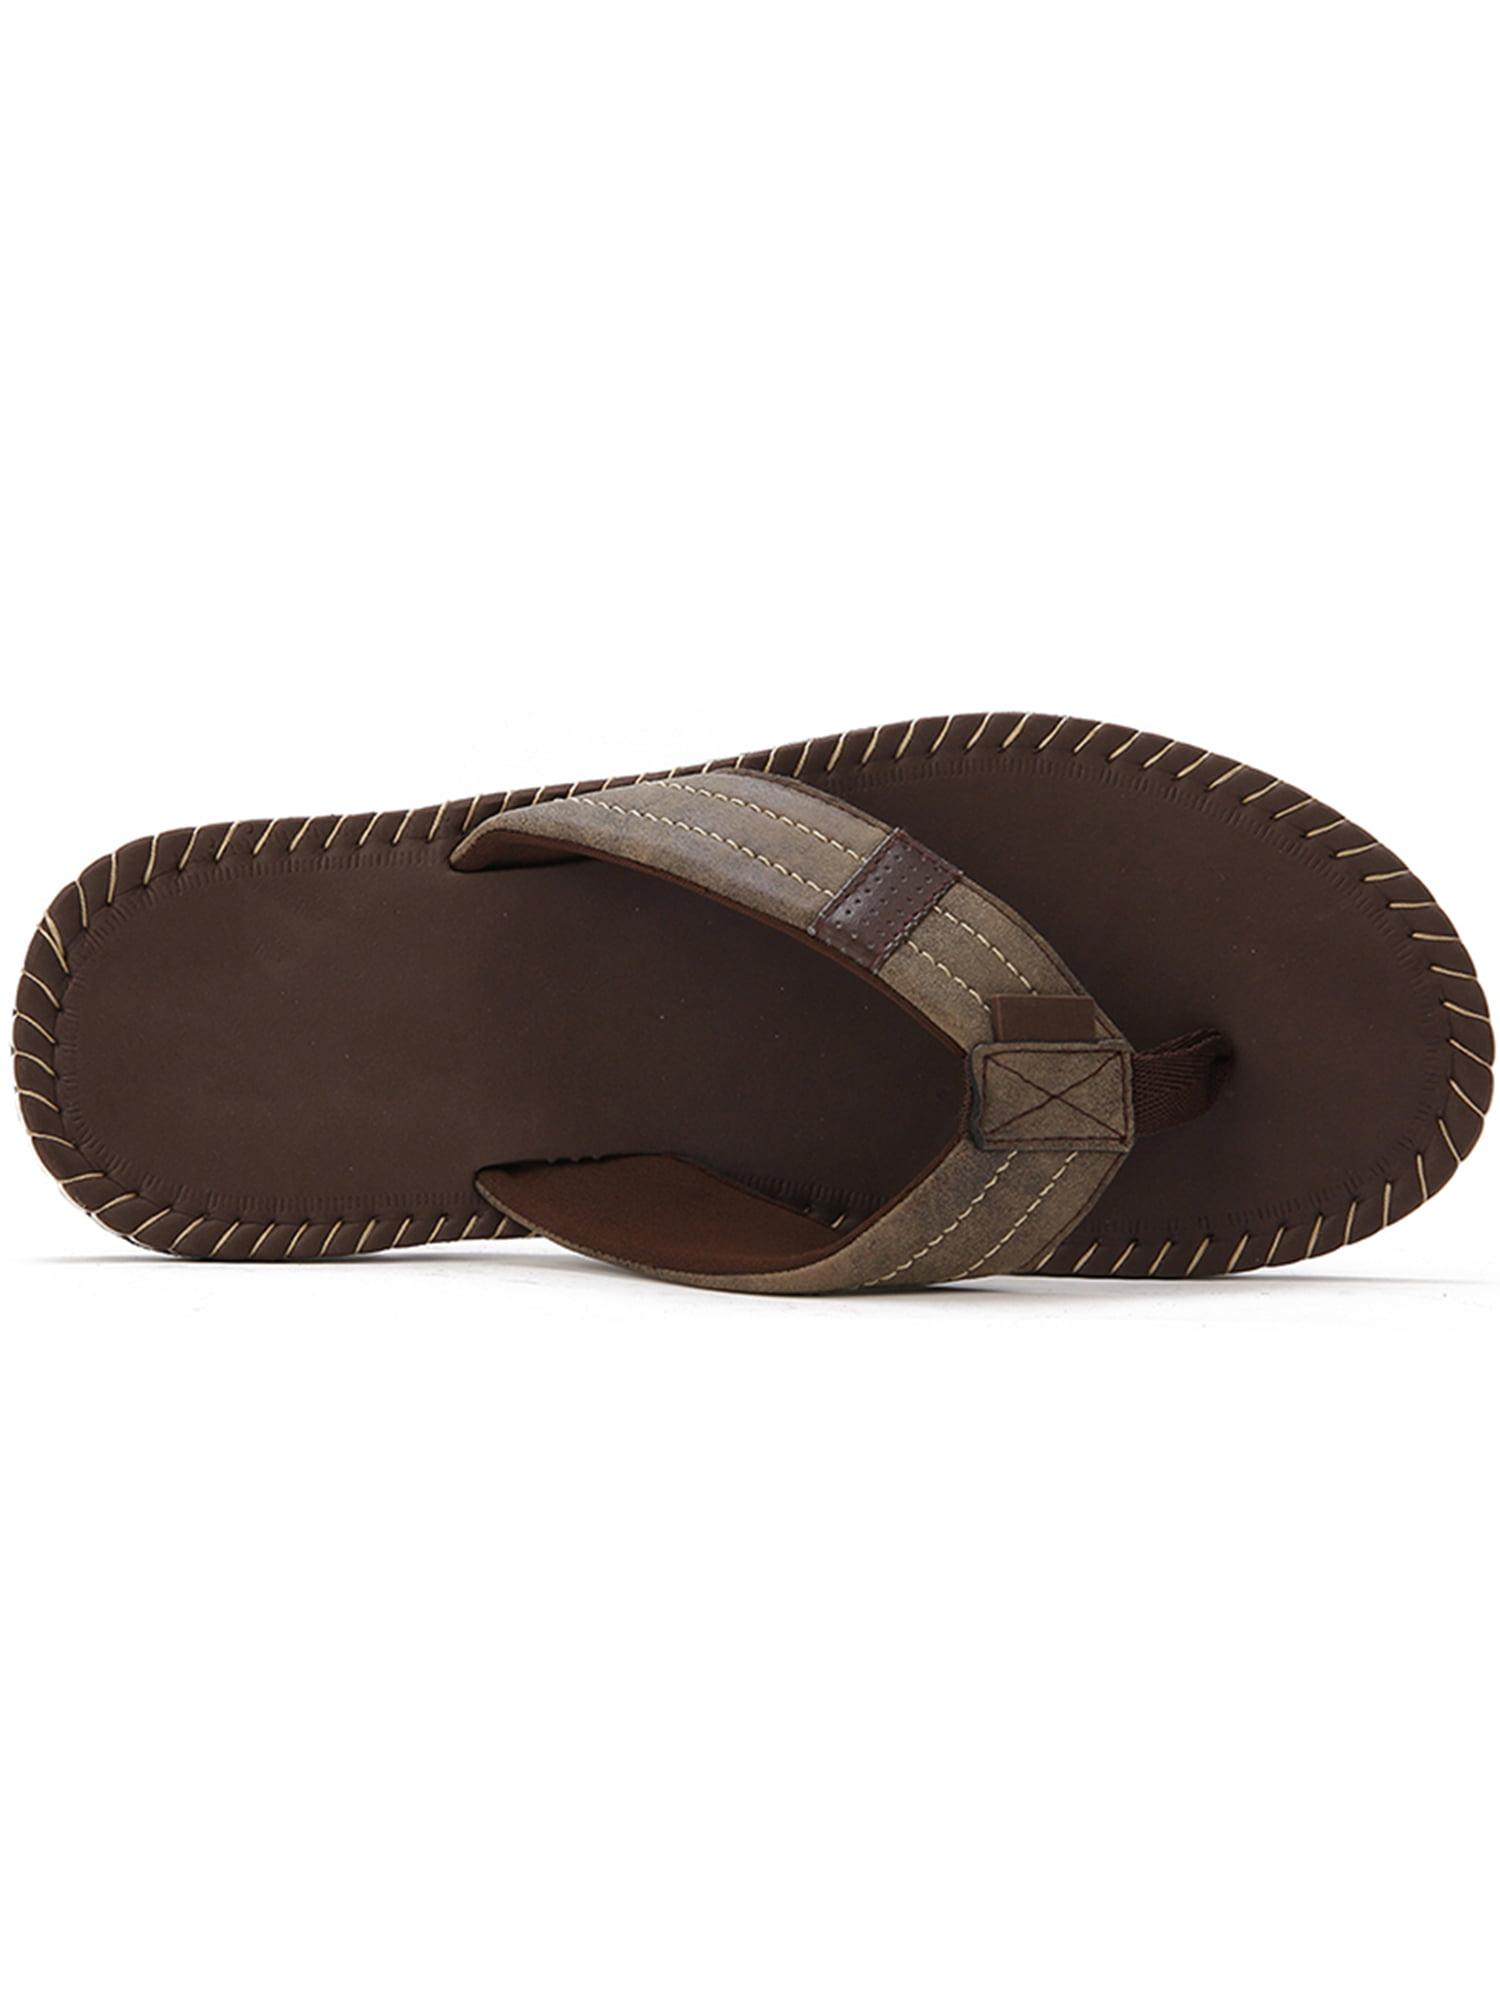 c02a0dc4d7d9 Tanleewa - Men s Flip Flop Summer Holiday Thong Sandals Comfort Lightweight  Beach Travel Slippers Big Size - Walmart.com